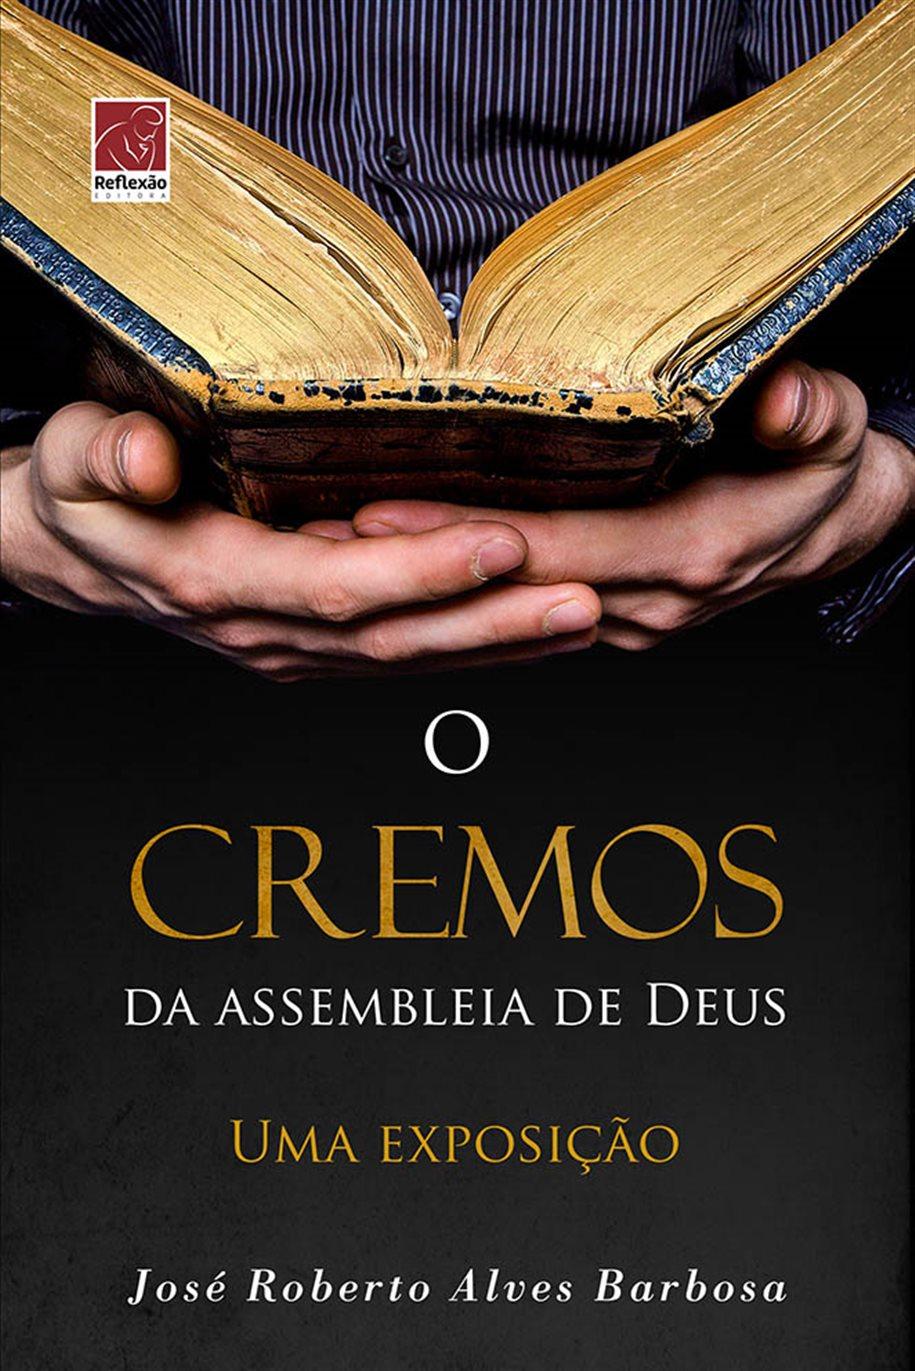 O Cremos da Assembleia de Deus: uma exposição